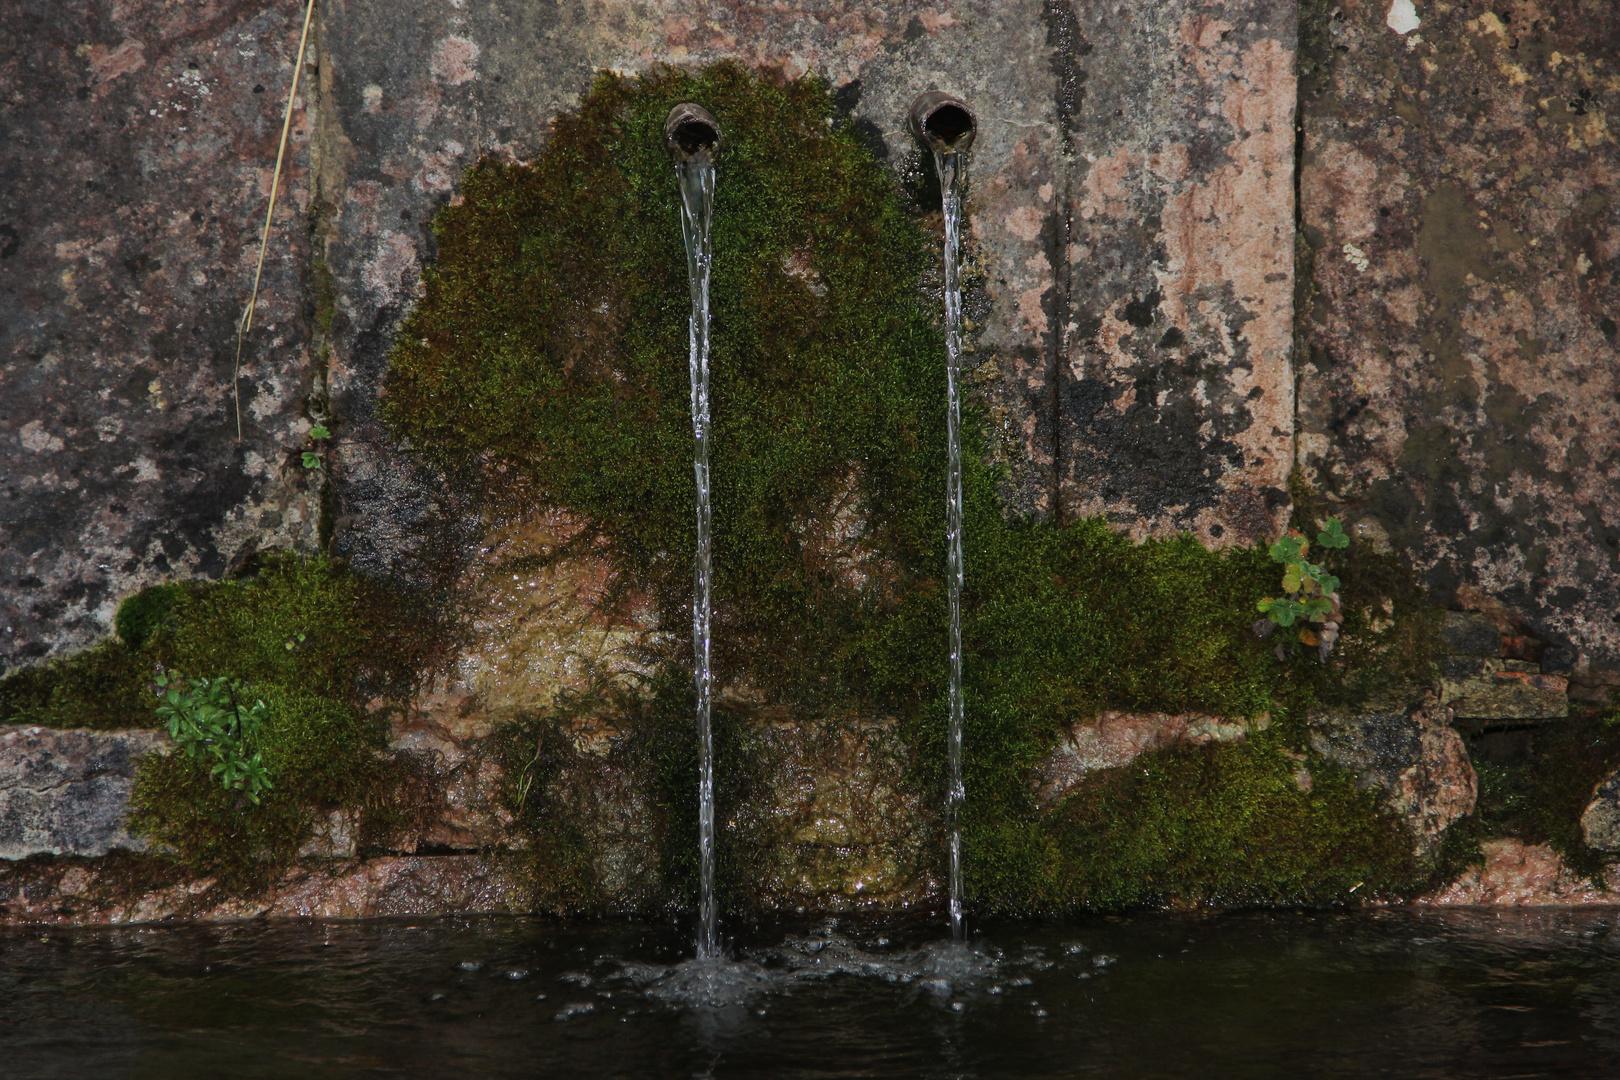 ... Fuente de agua